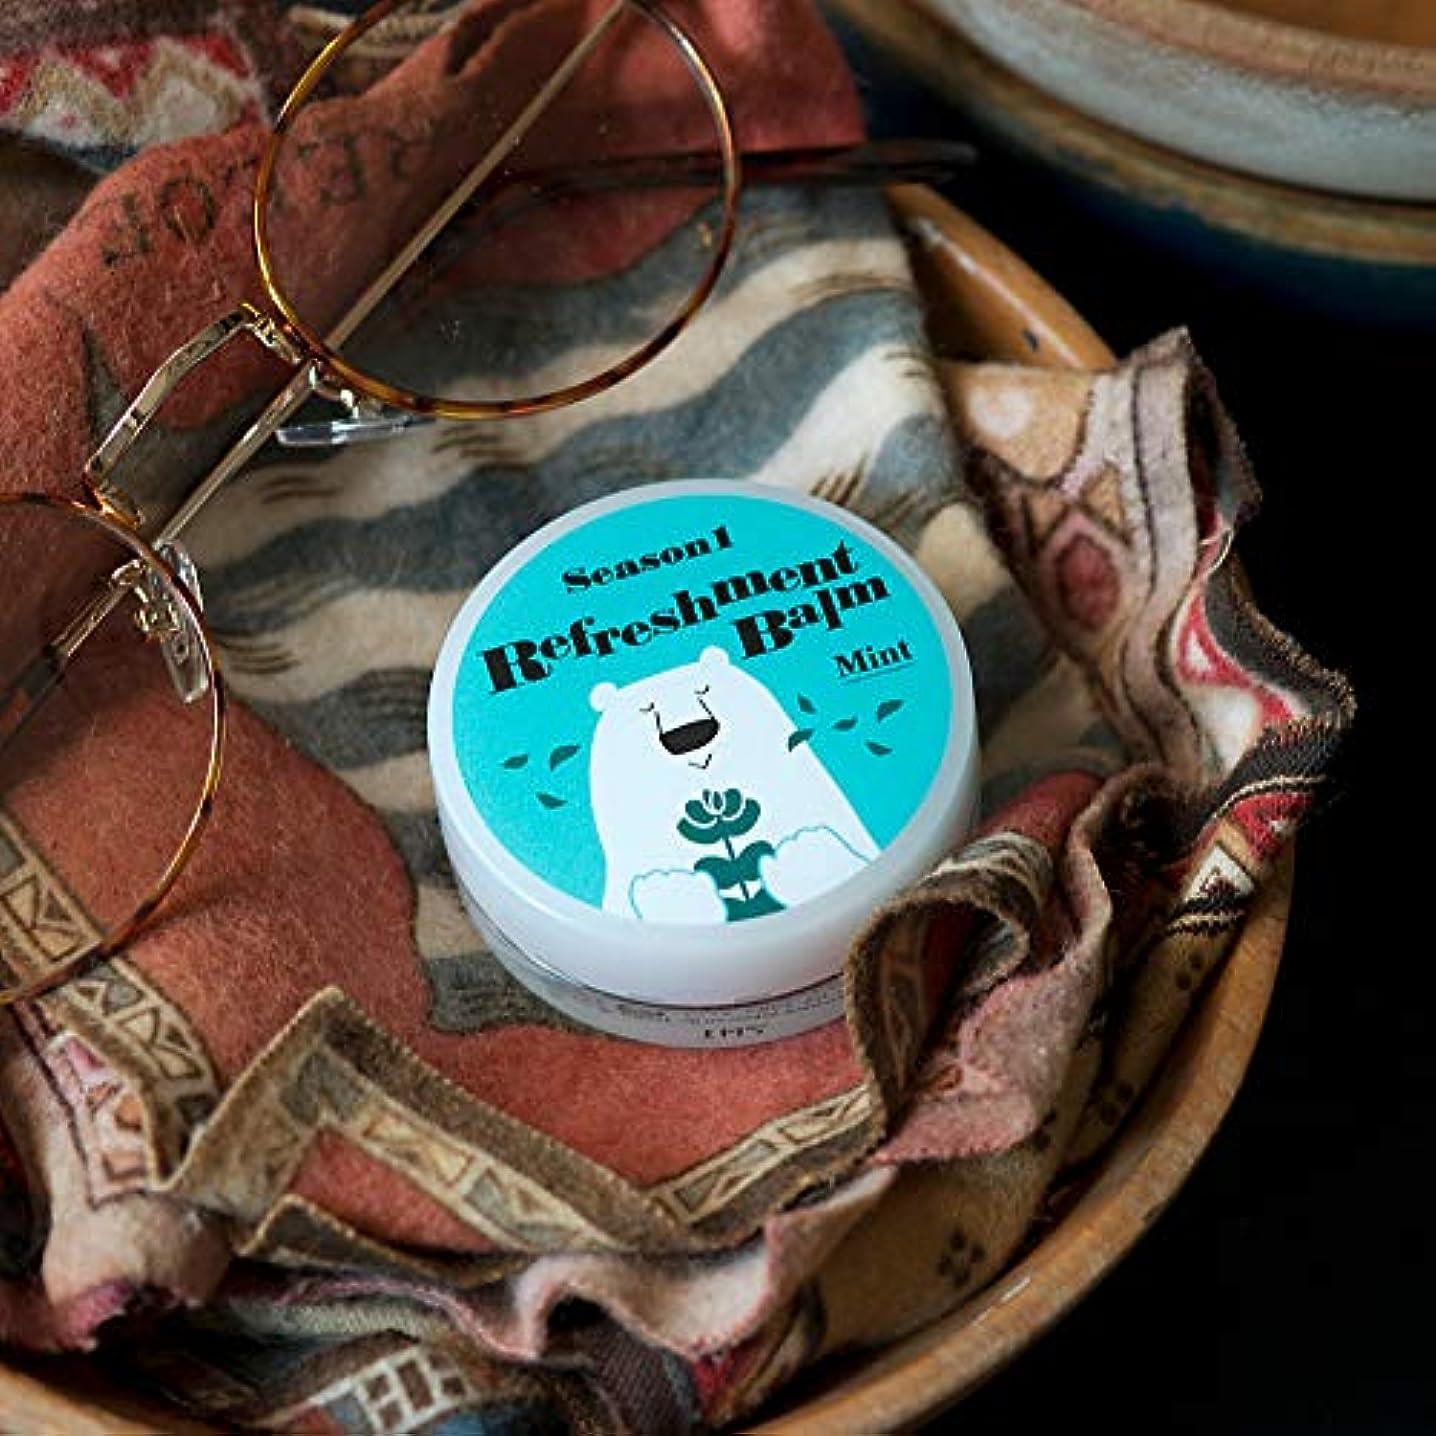 極貧推進医学(美健)BIKEN カサカサ鼻にひと塗り リフレッシュメントバーム ミント エッセンシャルオイル(精油)のみで香り付け